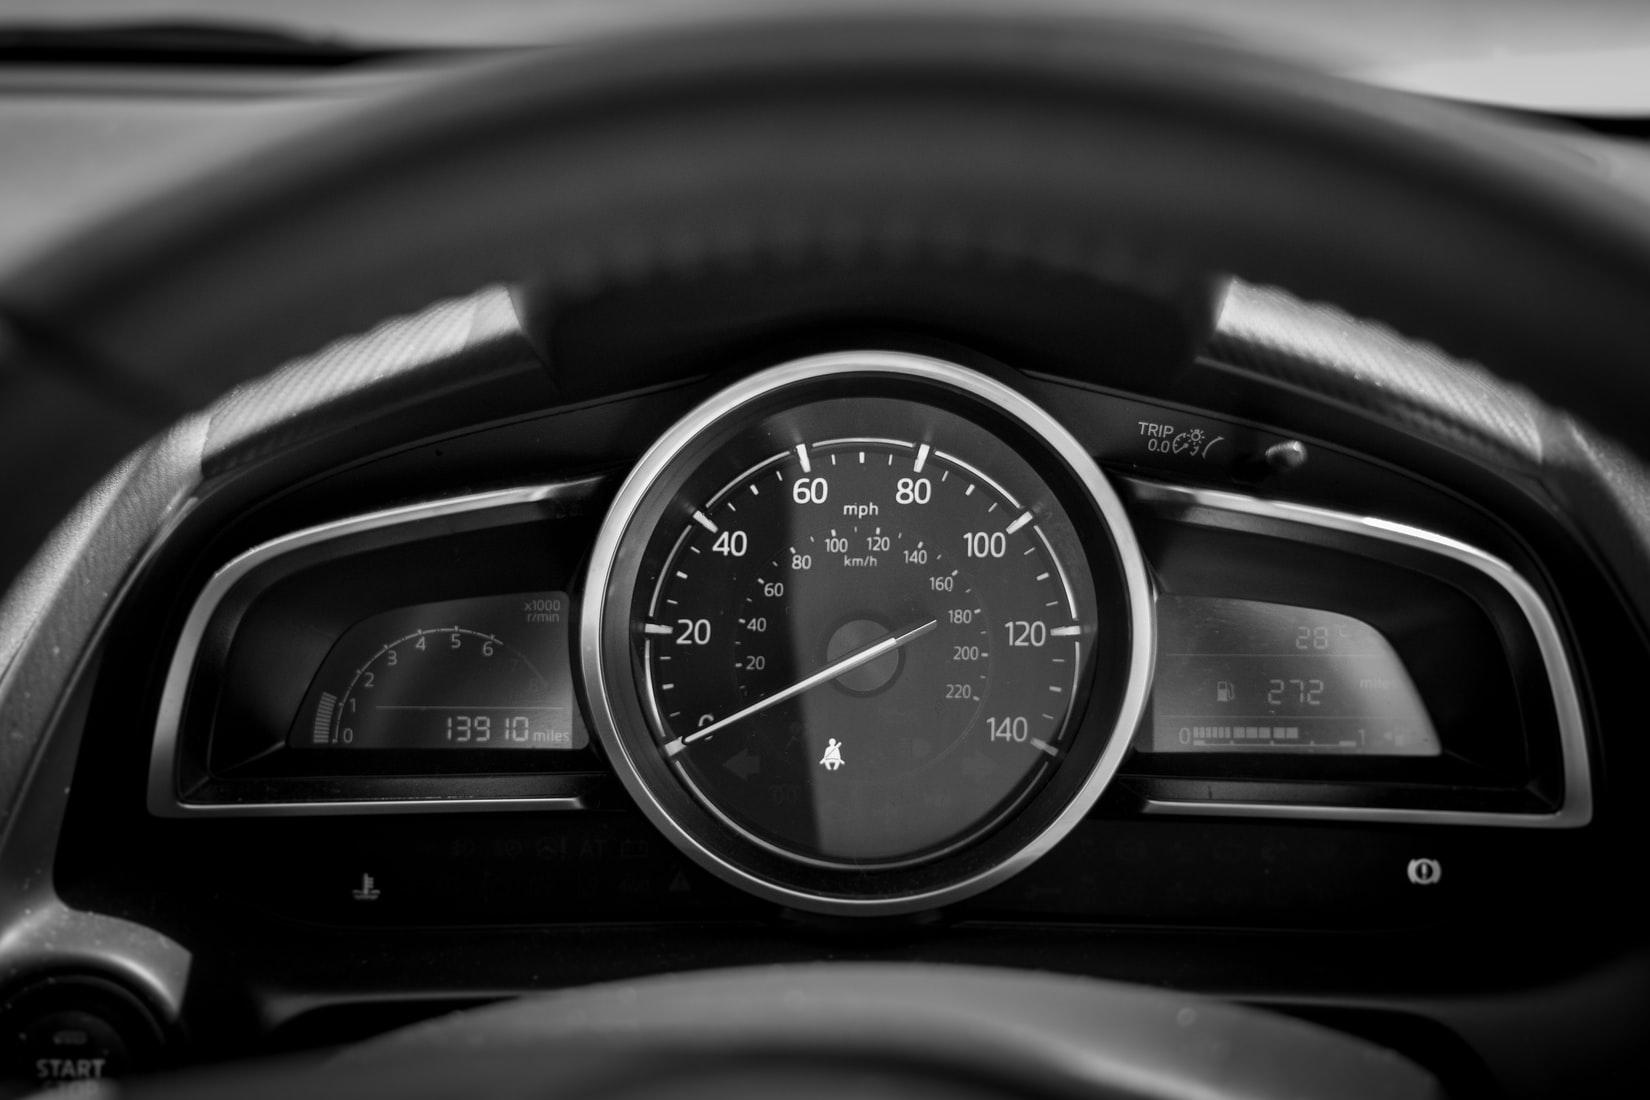 auto-dashboard